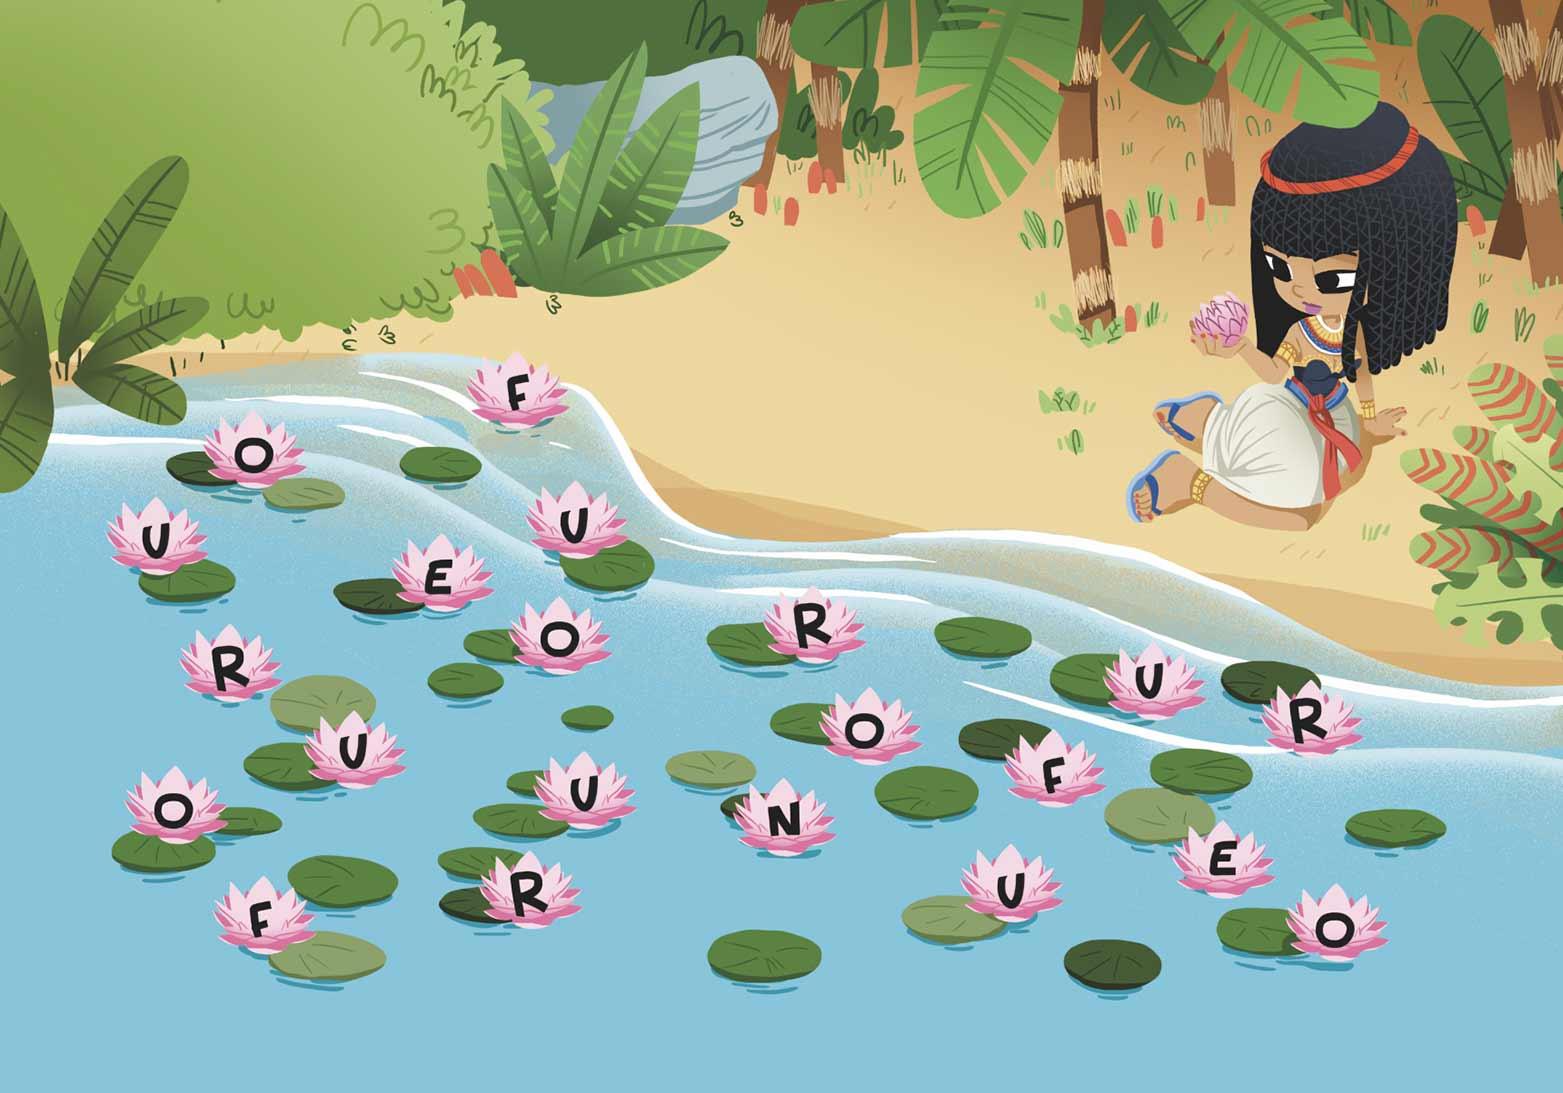 Auzou-cléopatre-jeu de mots-égypte-jeu-jeunesse-édition-édition jeunesse